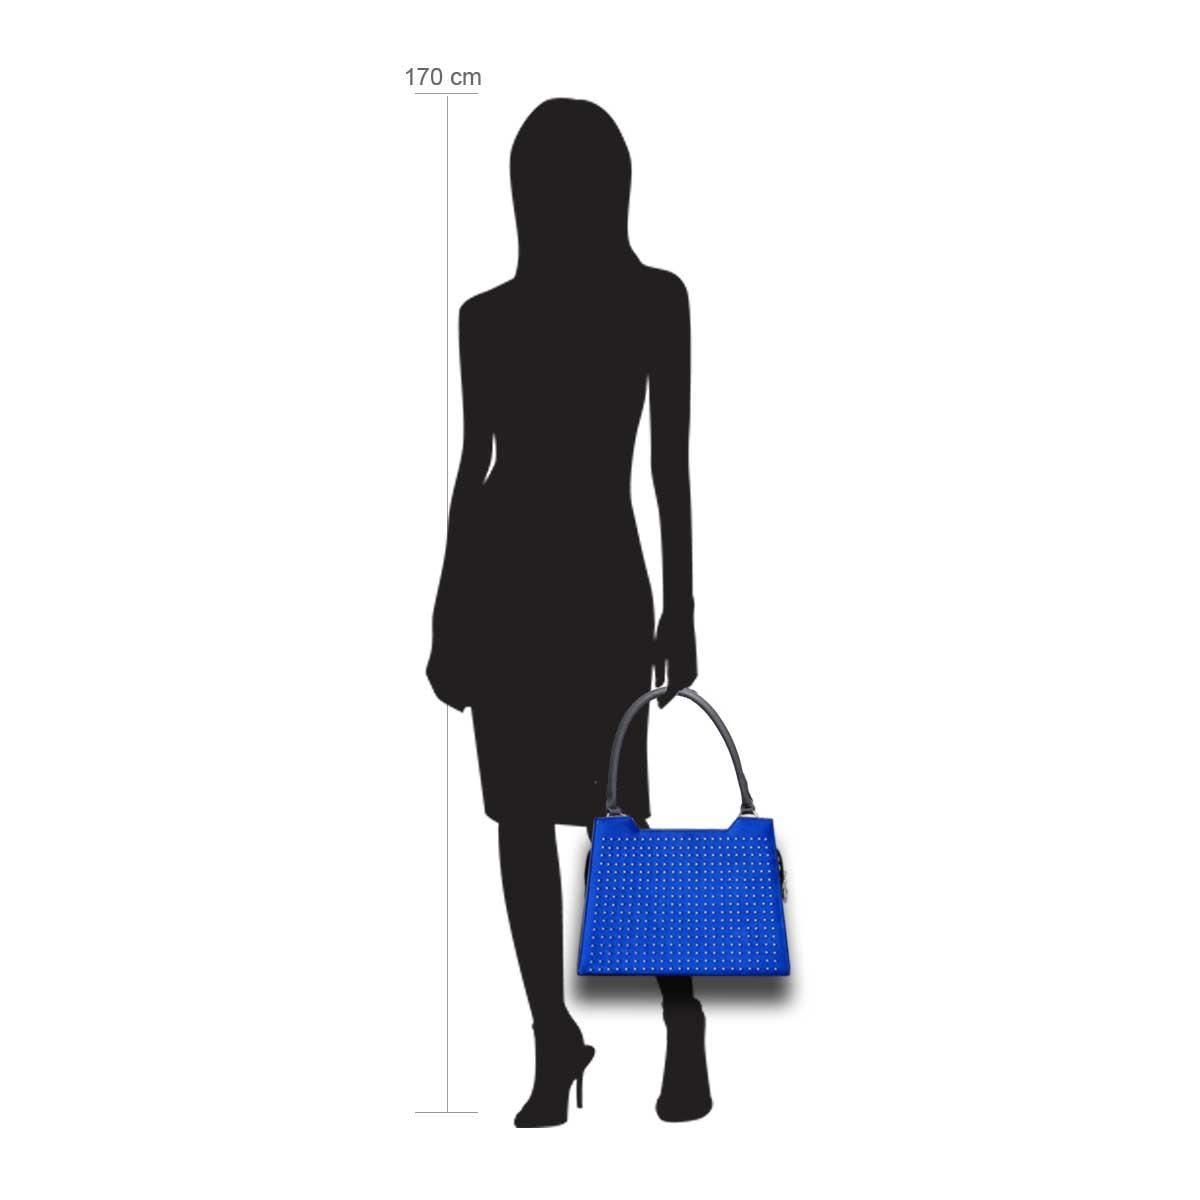 Puppe 170 cm groß zeigt die Taschengröße an . Modell: Luxor